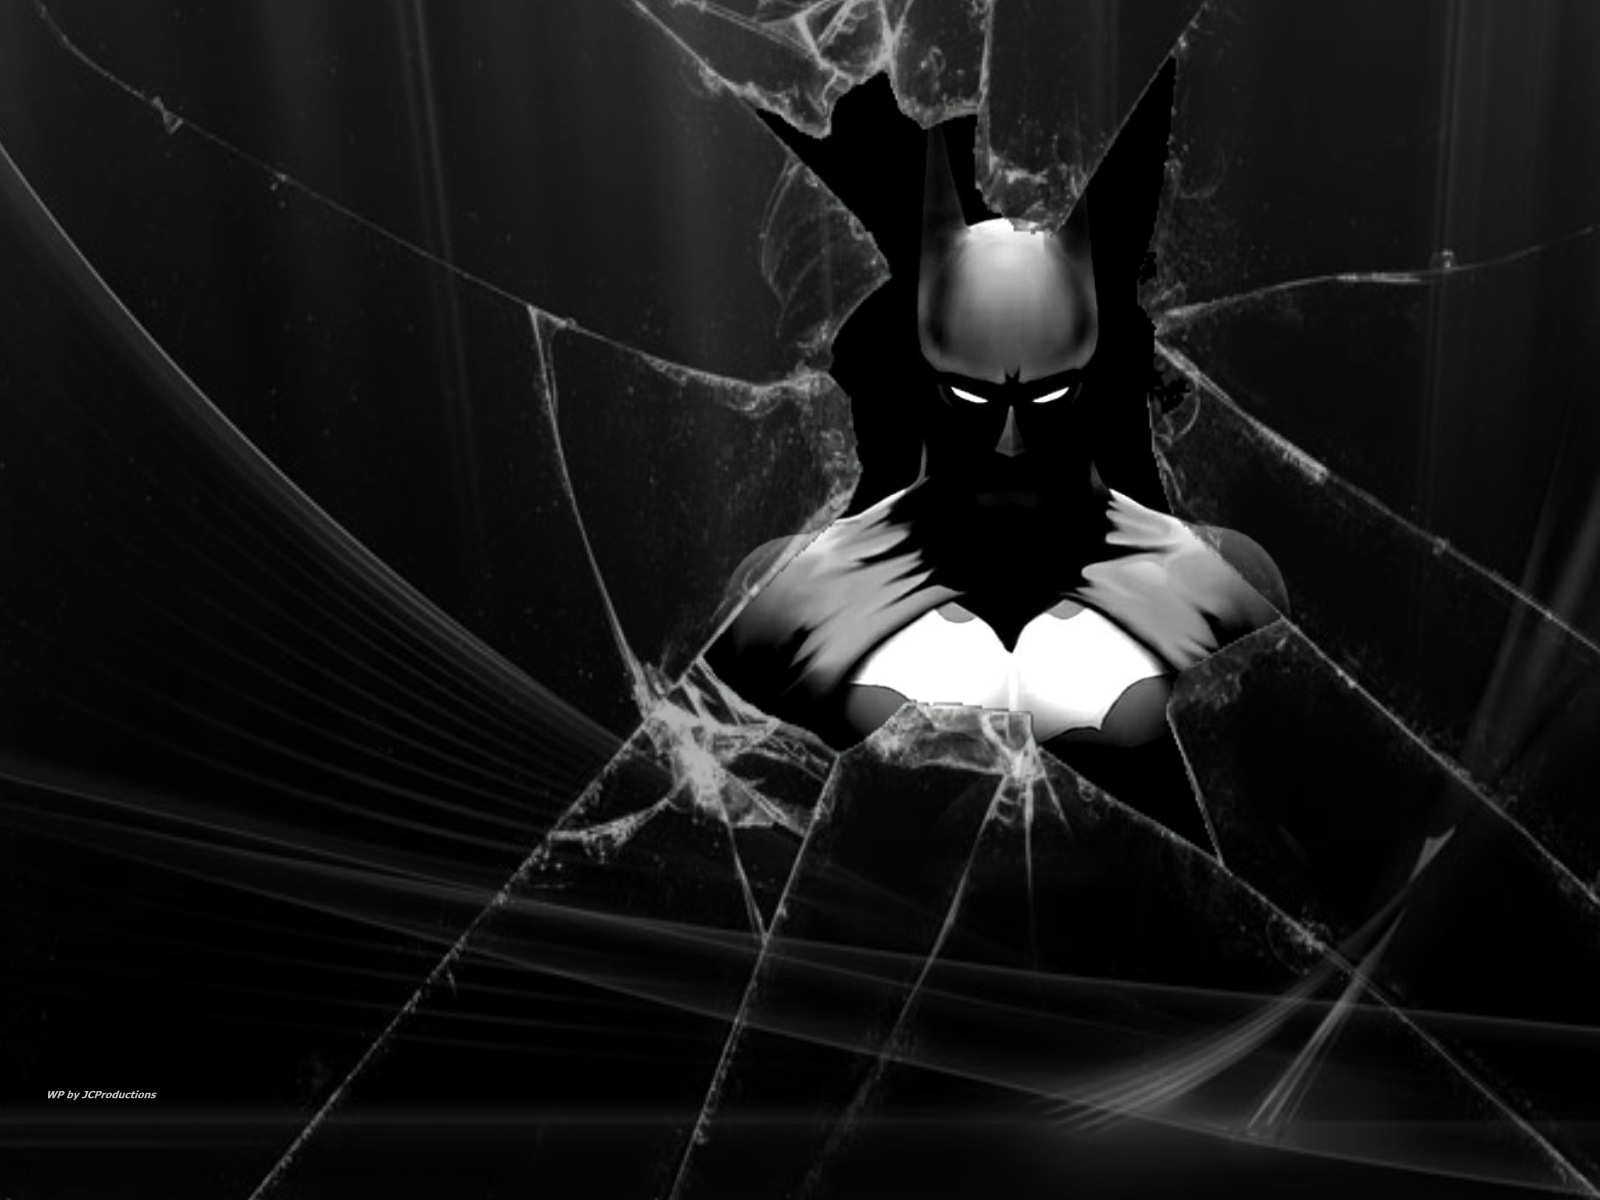 Batman images Batman wallpaper photos 27163409 1600x1200